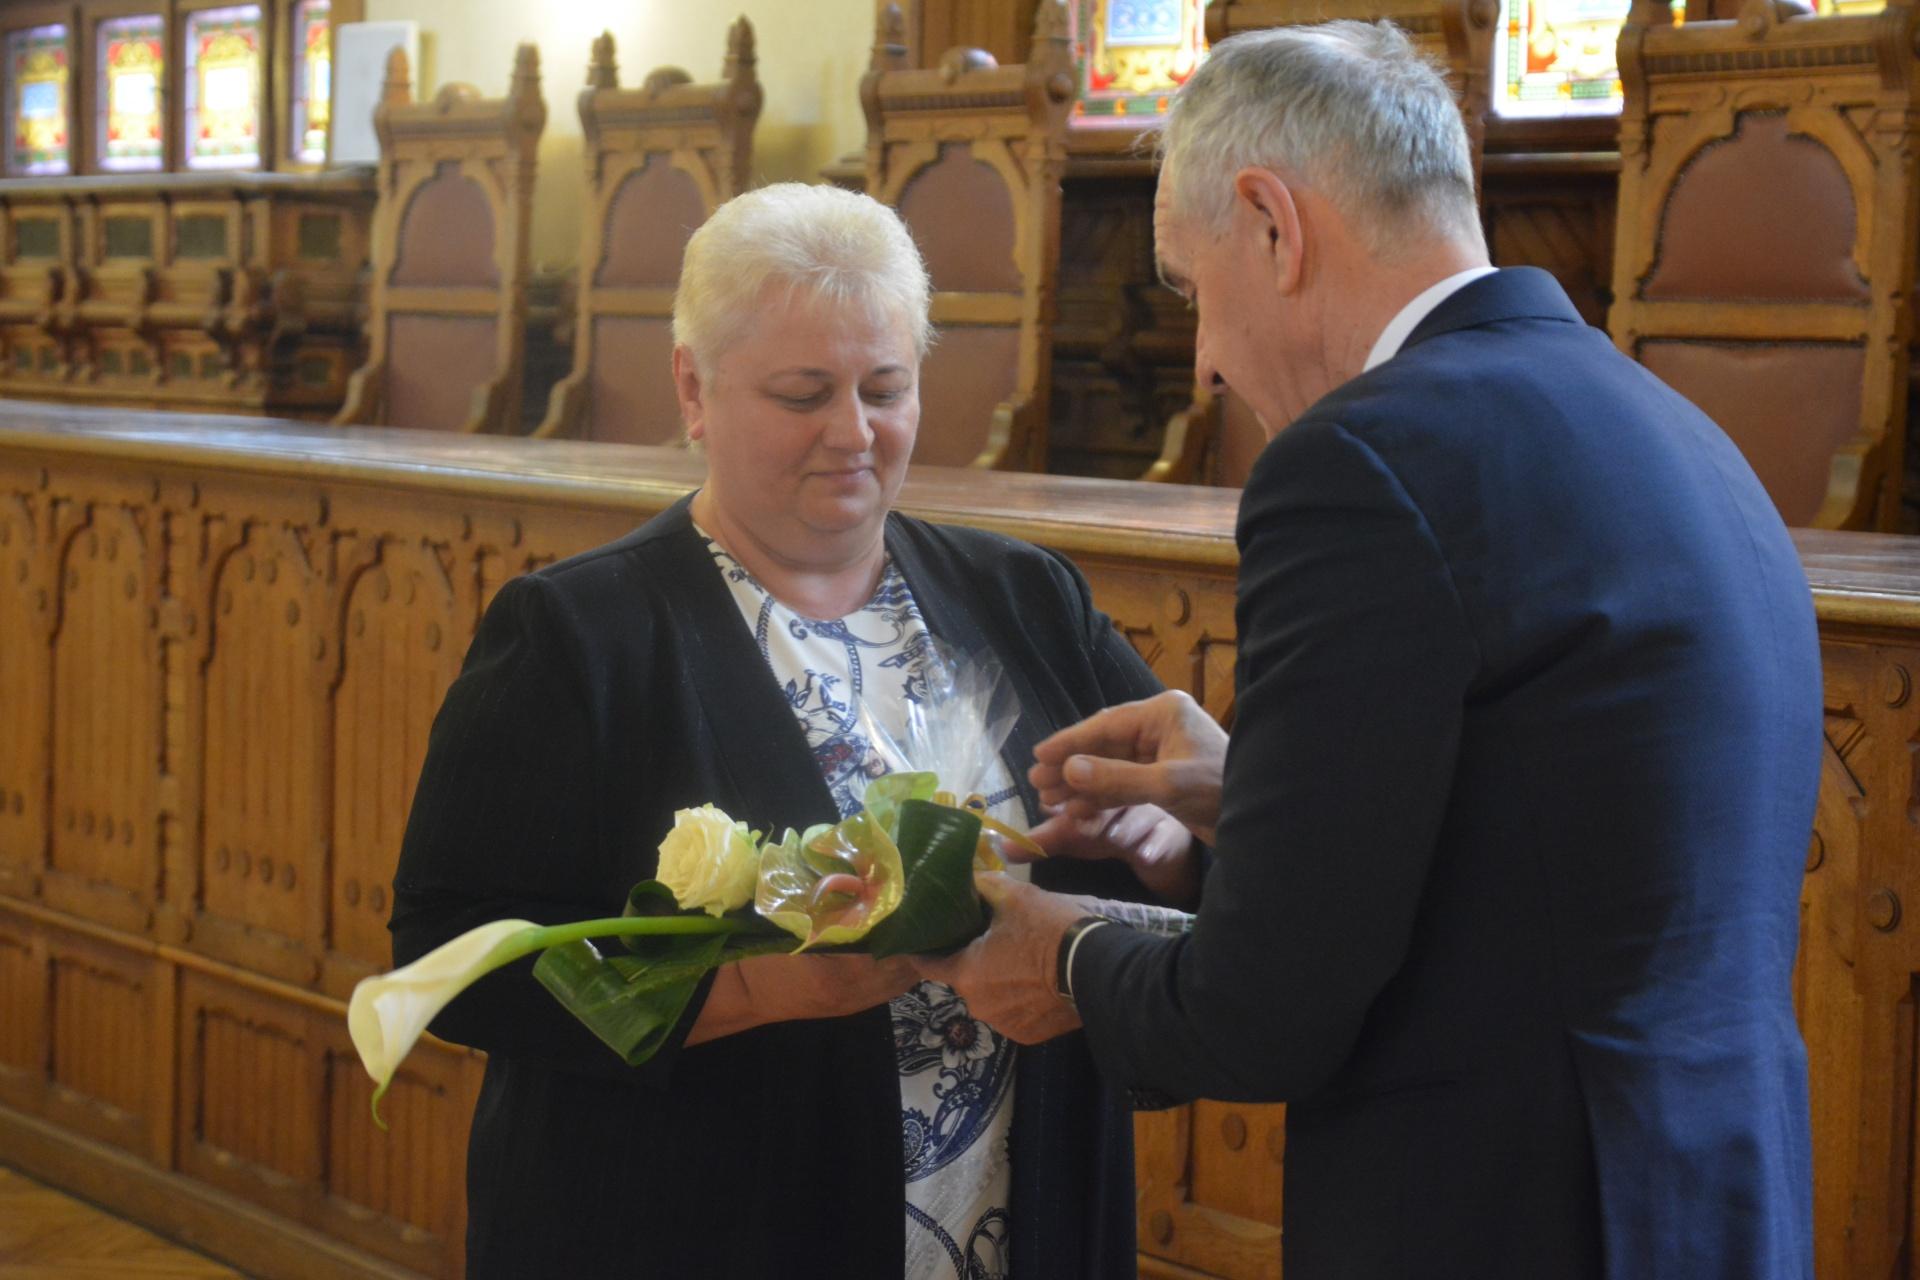 6f2f5263eb79 mondta el köszöntőjében Oláh Lajosné alpolgármester, aki köszönetet mondott  a jelenlevőknek áldozatos munkájukért.